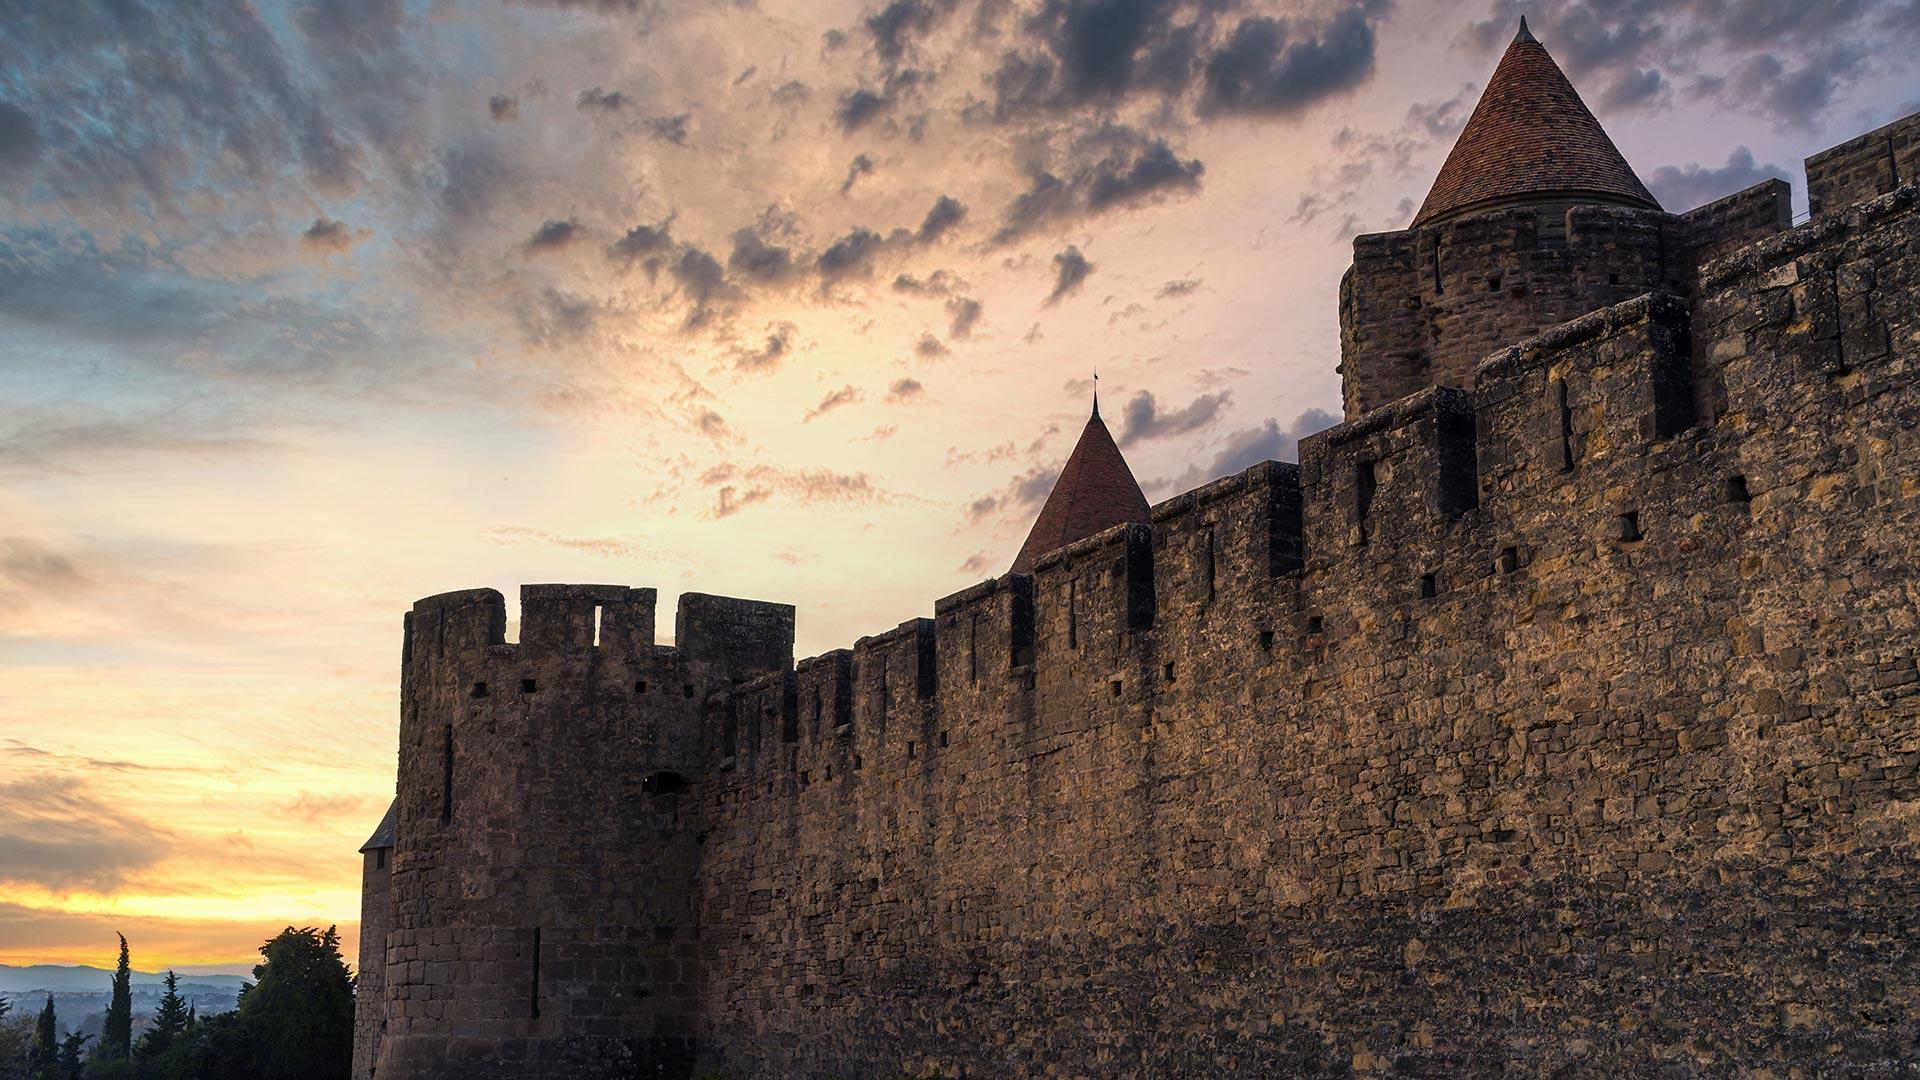 Carcassonne - FOTOS y VÍDEOS 360 para descargar - Descargas360.com